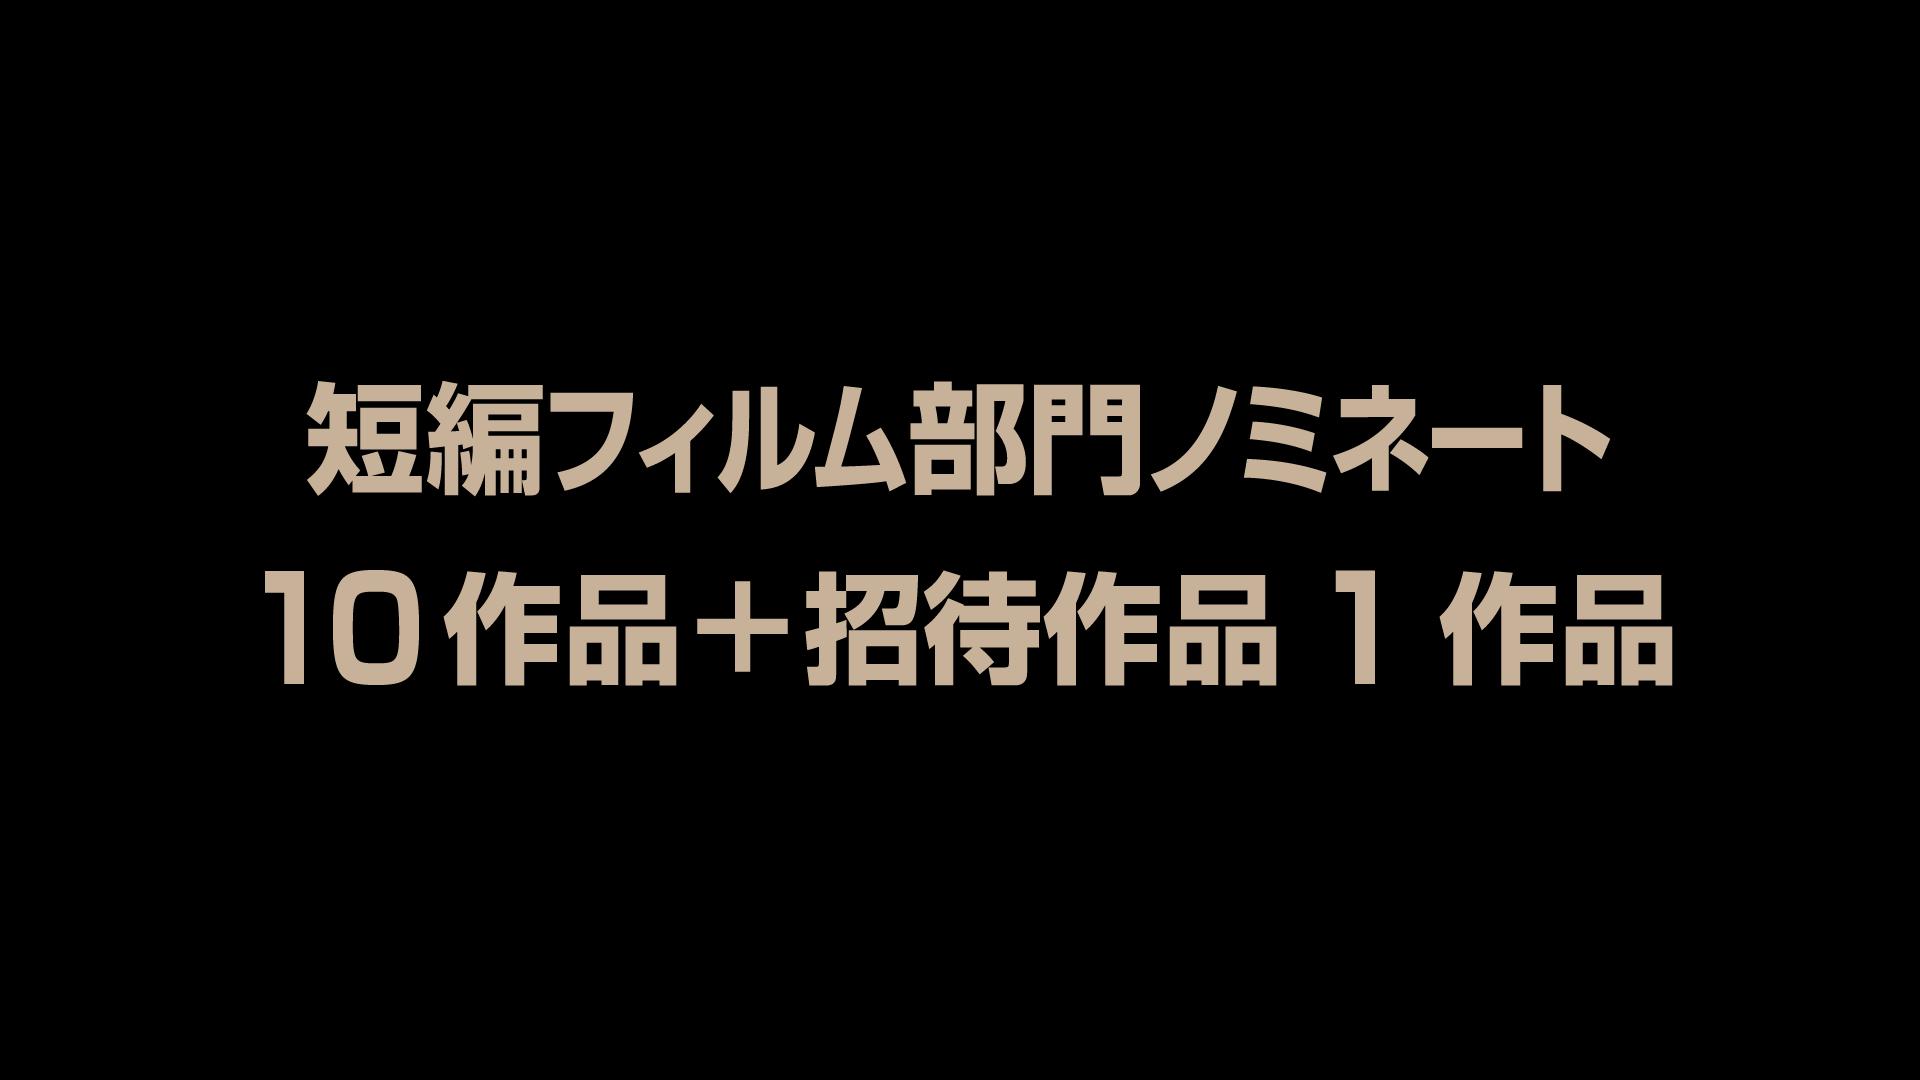 短編フィルム部門ノミネート10作品+招待作品1作品